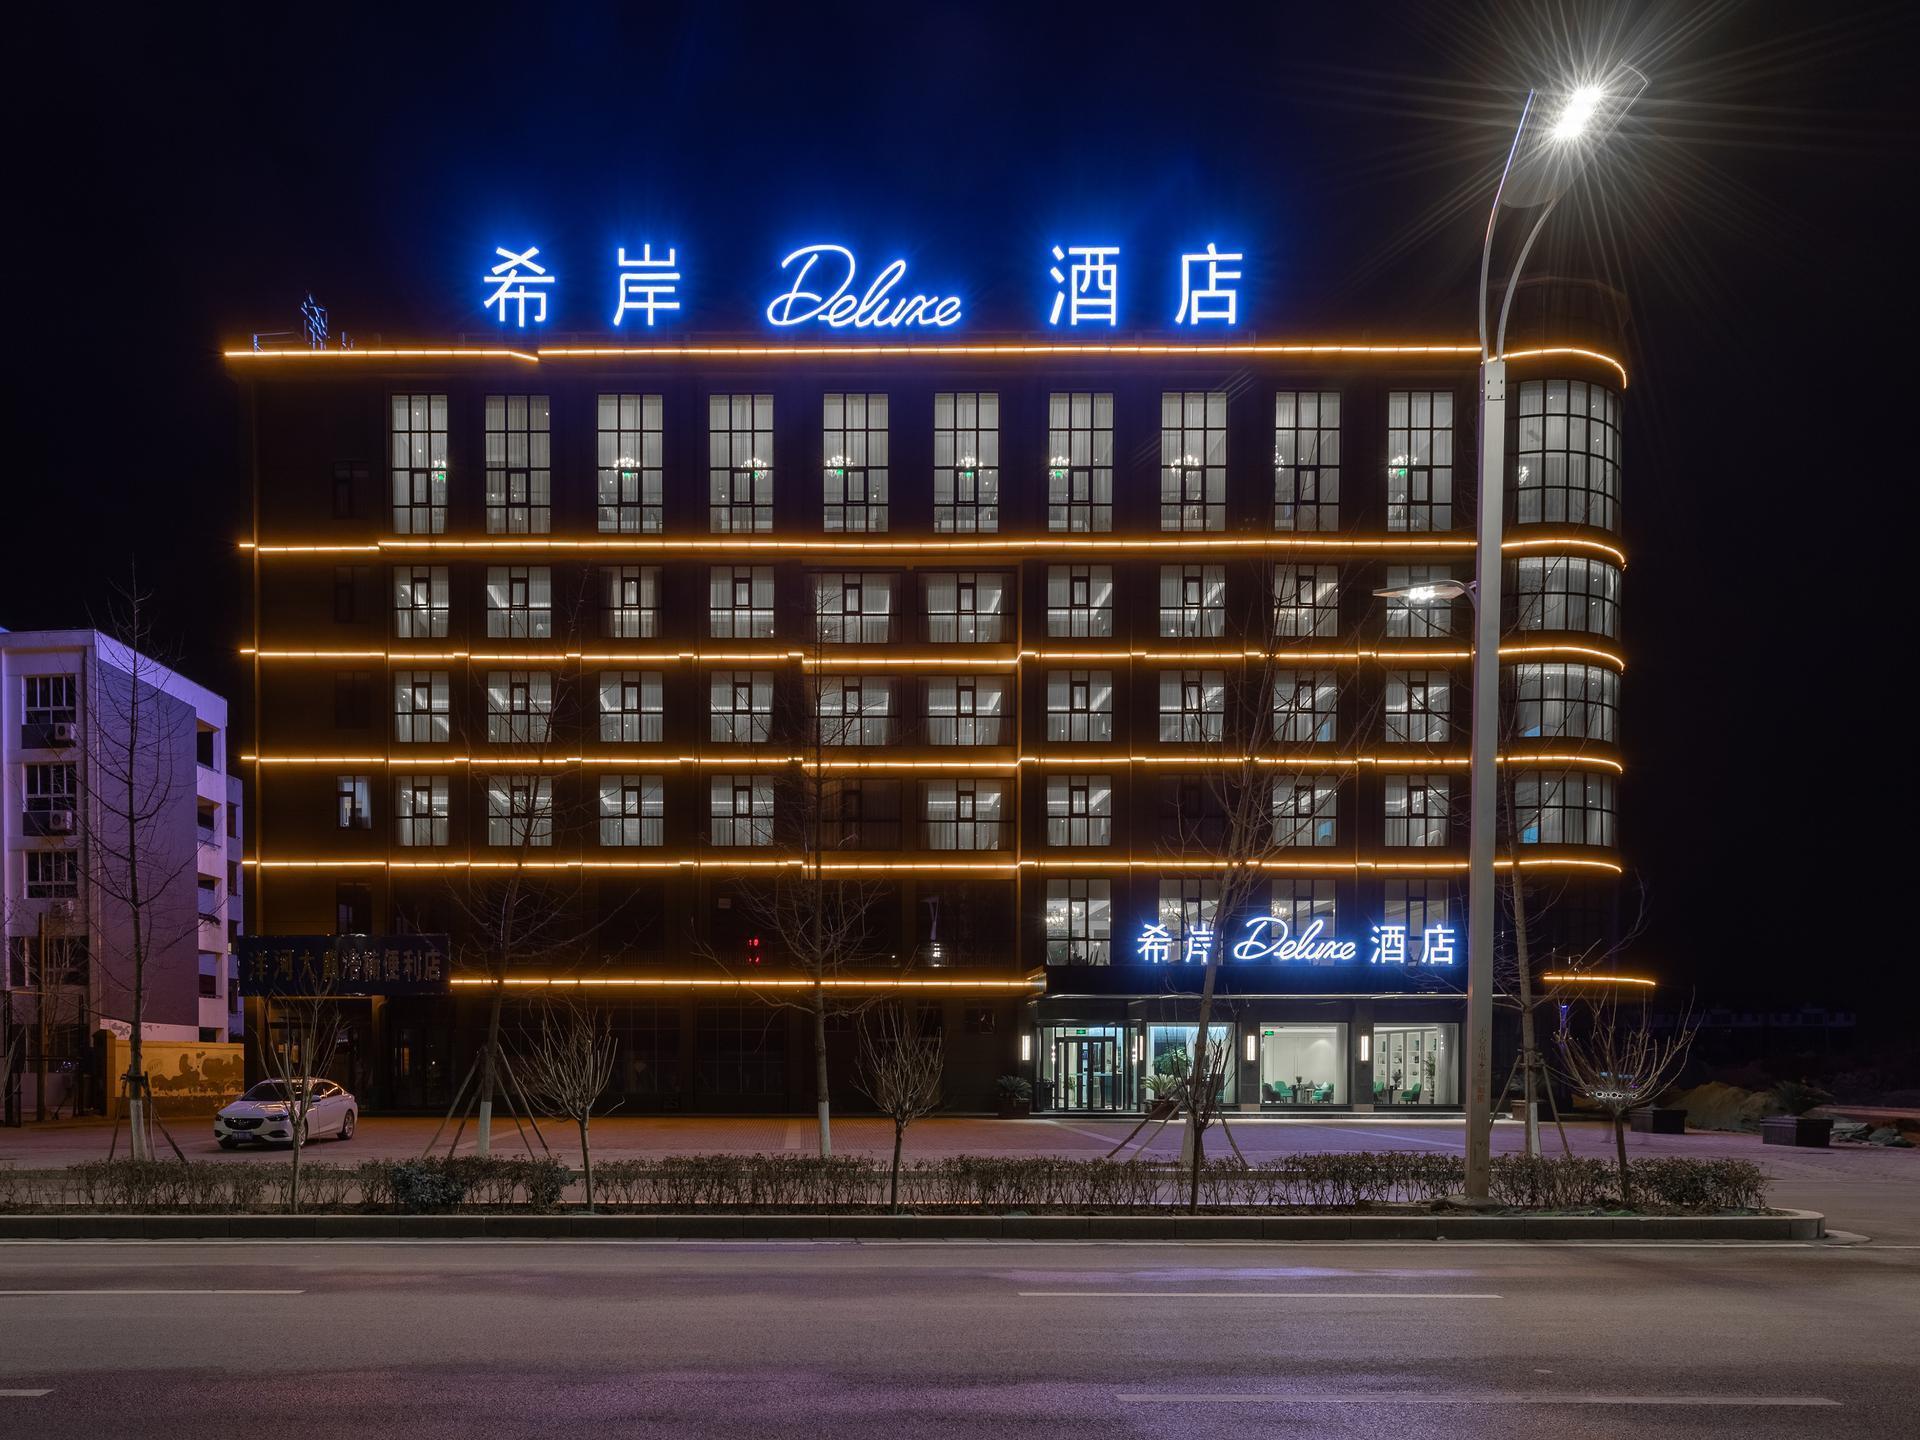 Xana Deluxe Shangqiu Ancient Town